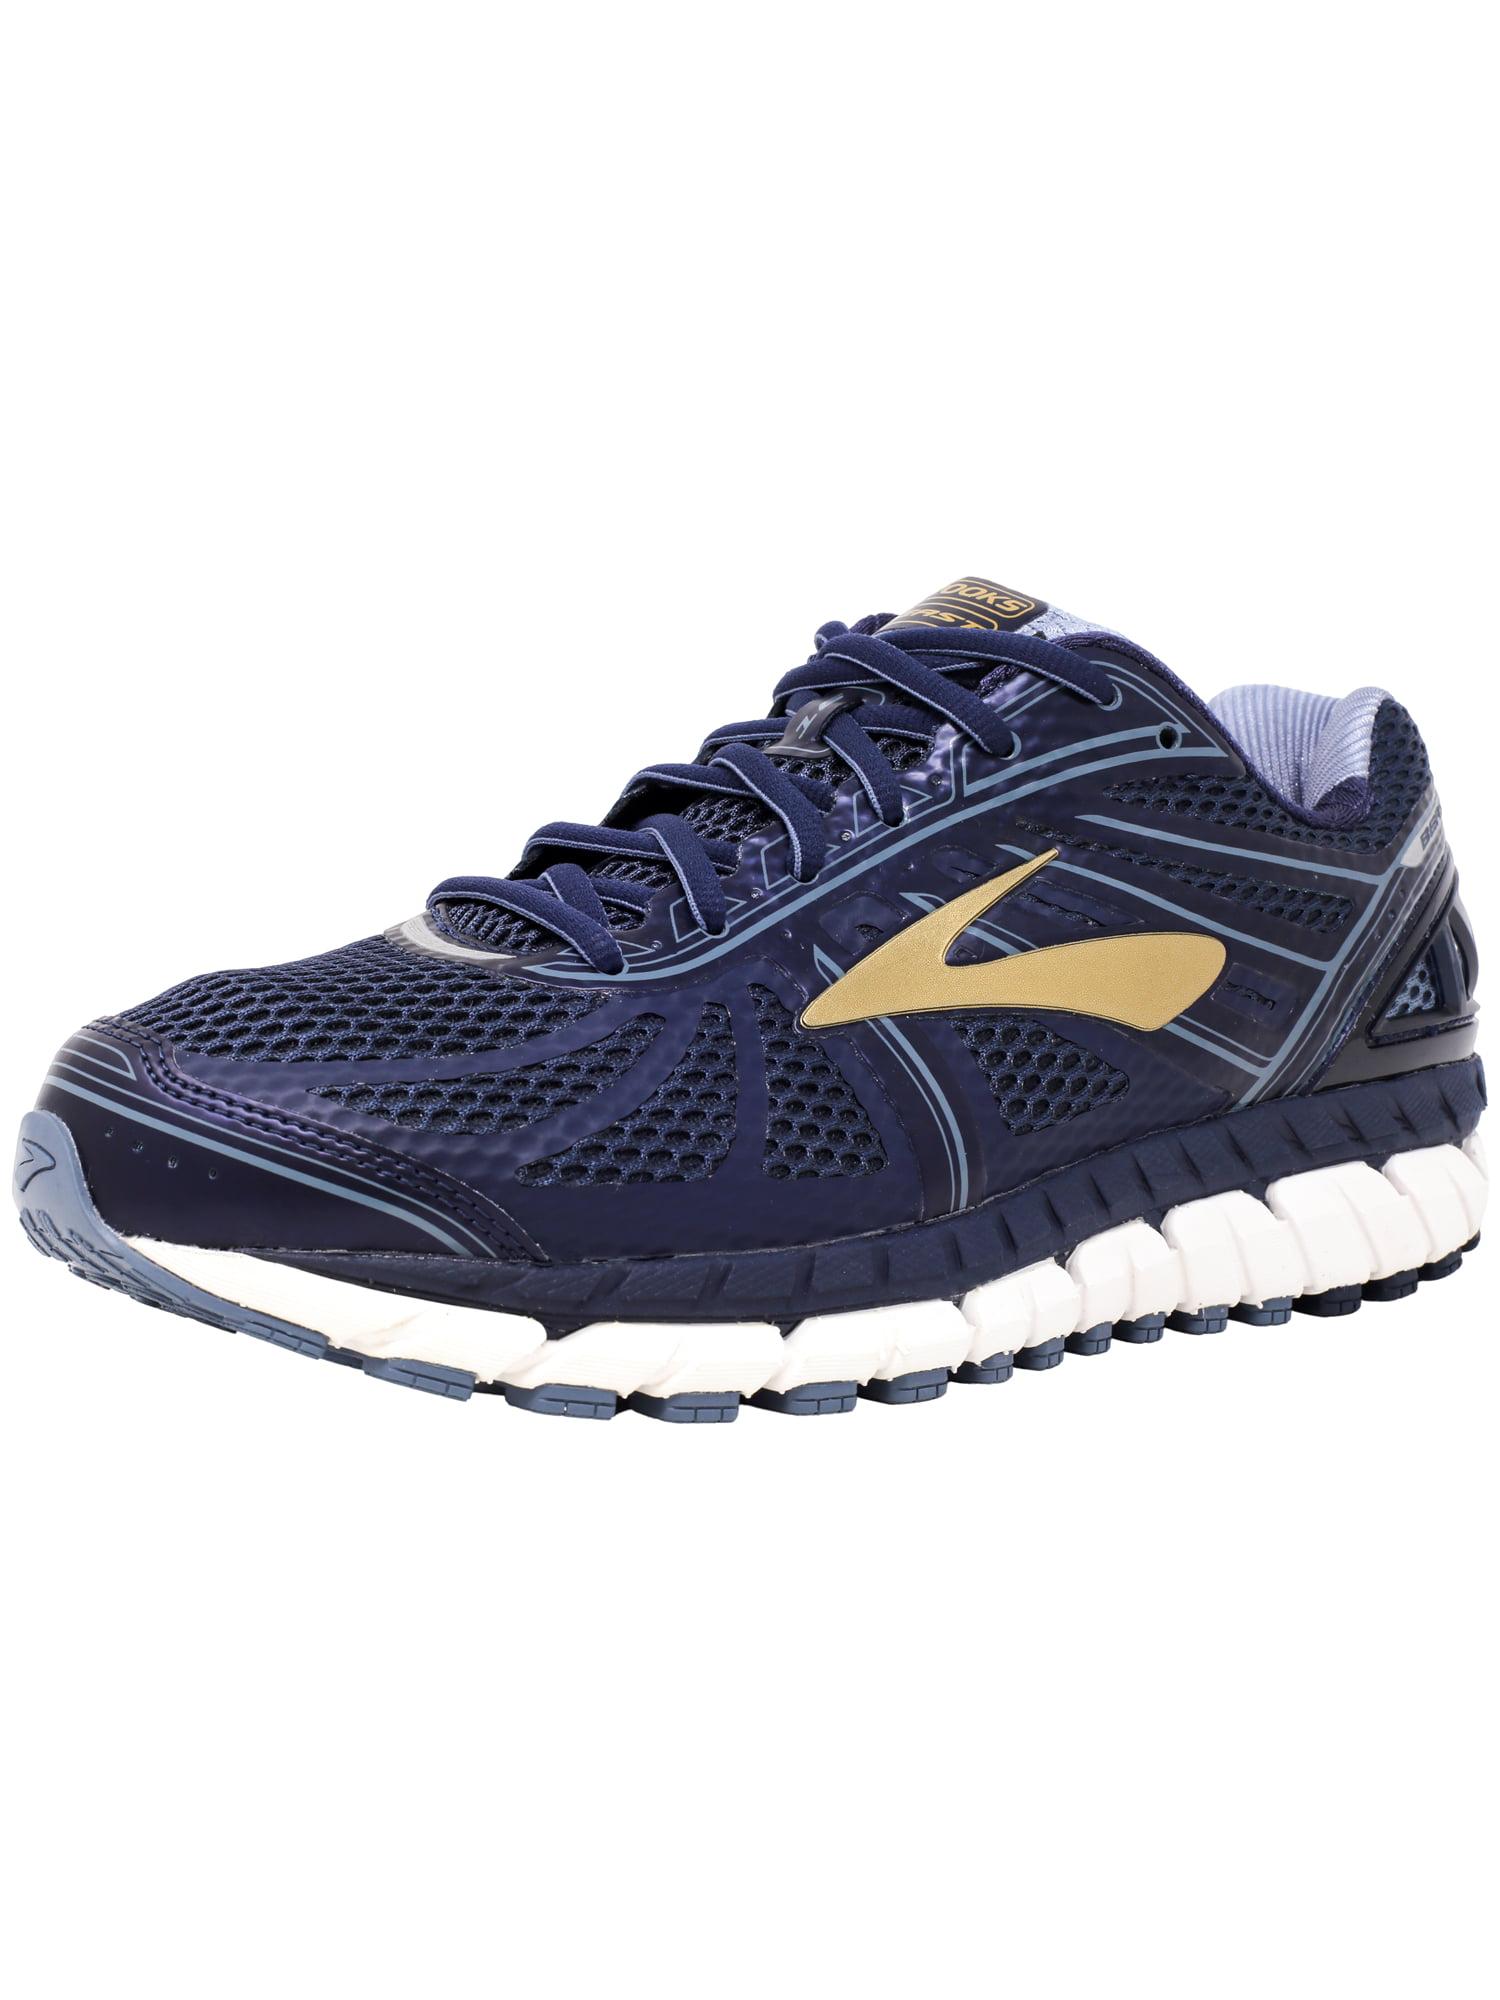 Brooks Men/'s Beast /'16 Ankle-High Running Shoe